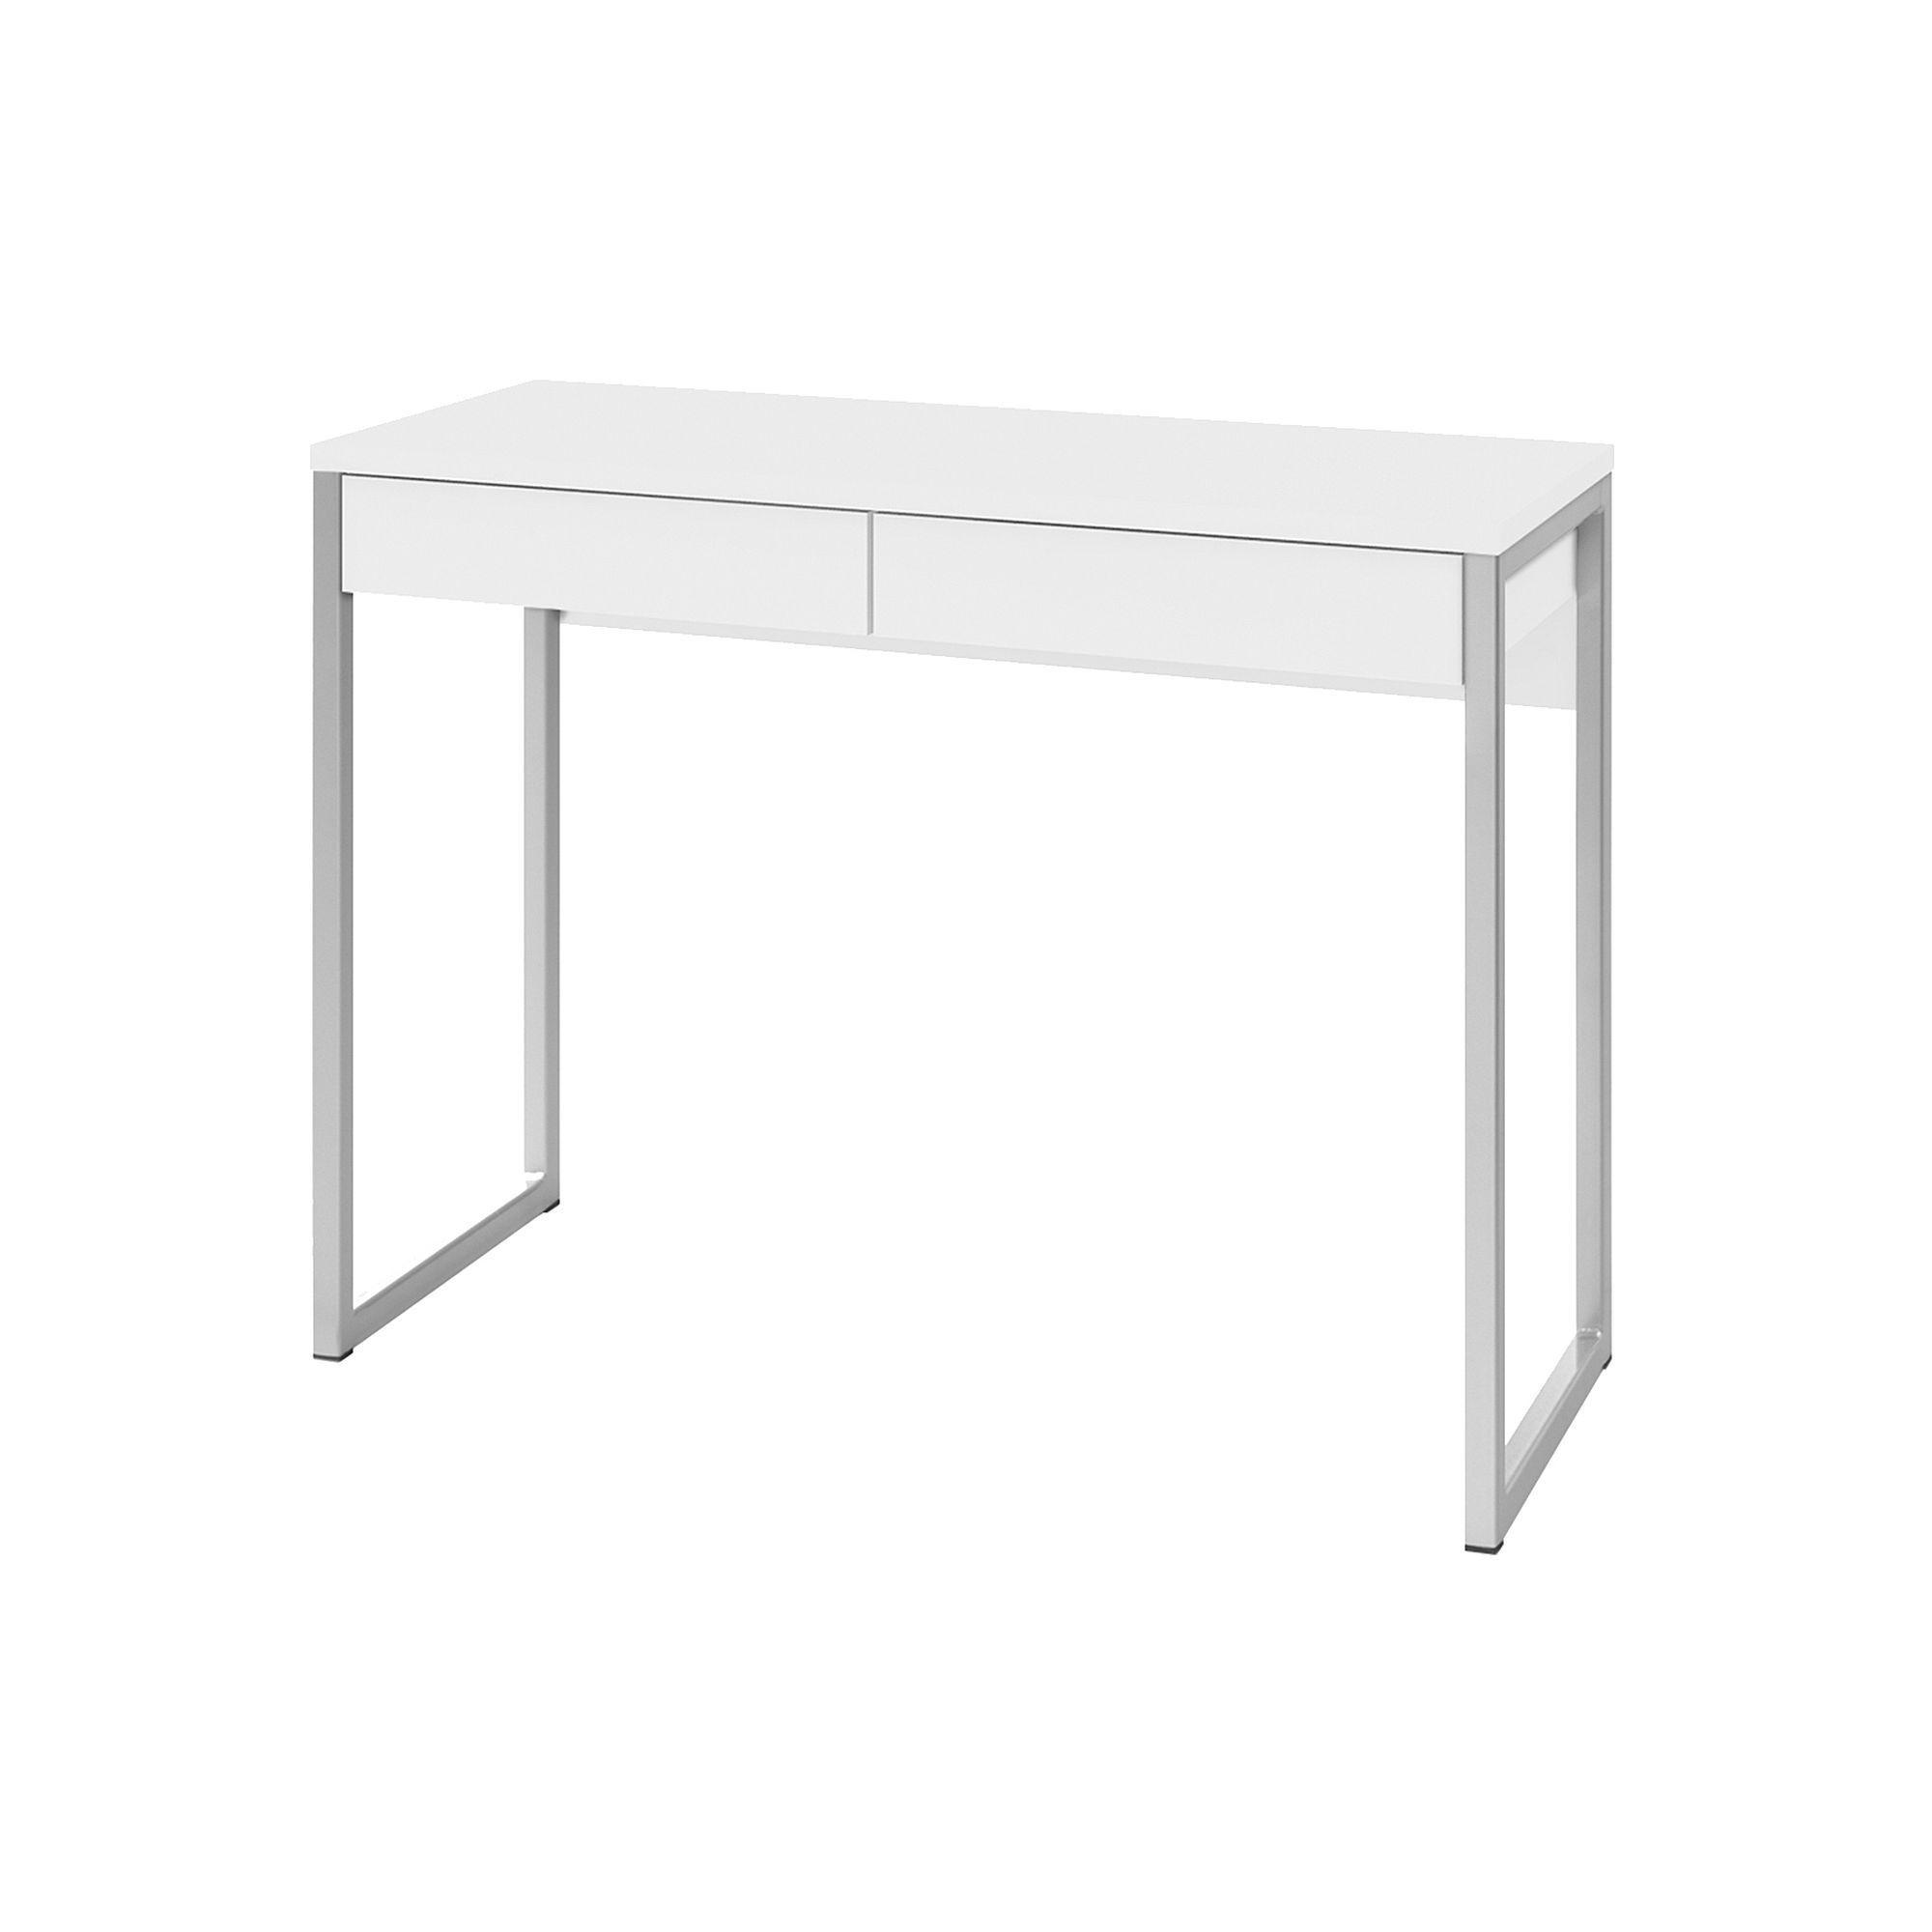 Tvilum Walker 2 Drawer Desk White Desk With Drawers Desk Metal Desks